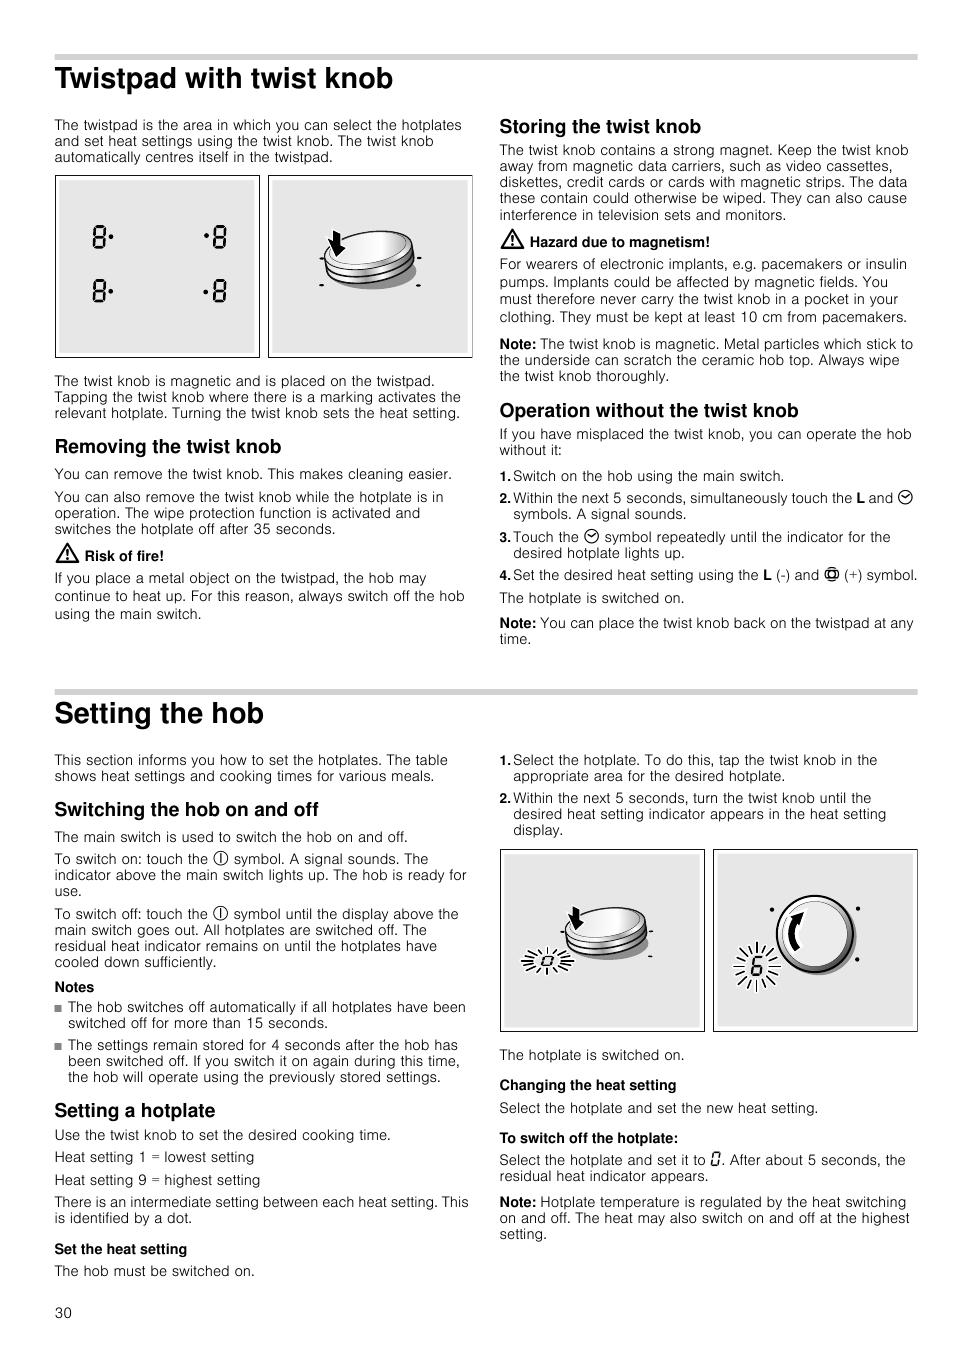 Twistpad With Twist Knob Removing The Twist Knob Risk Of Fire